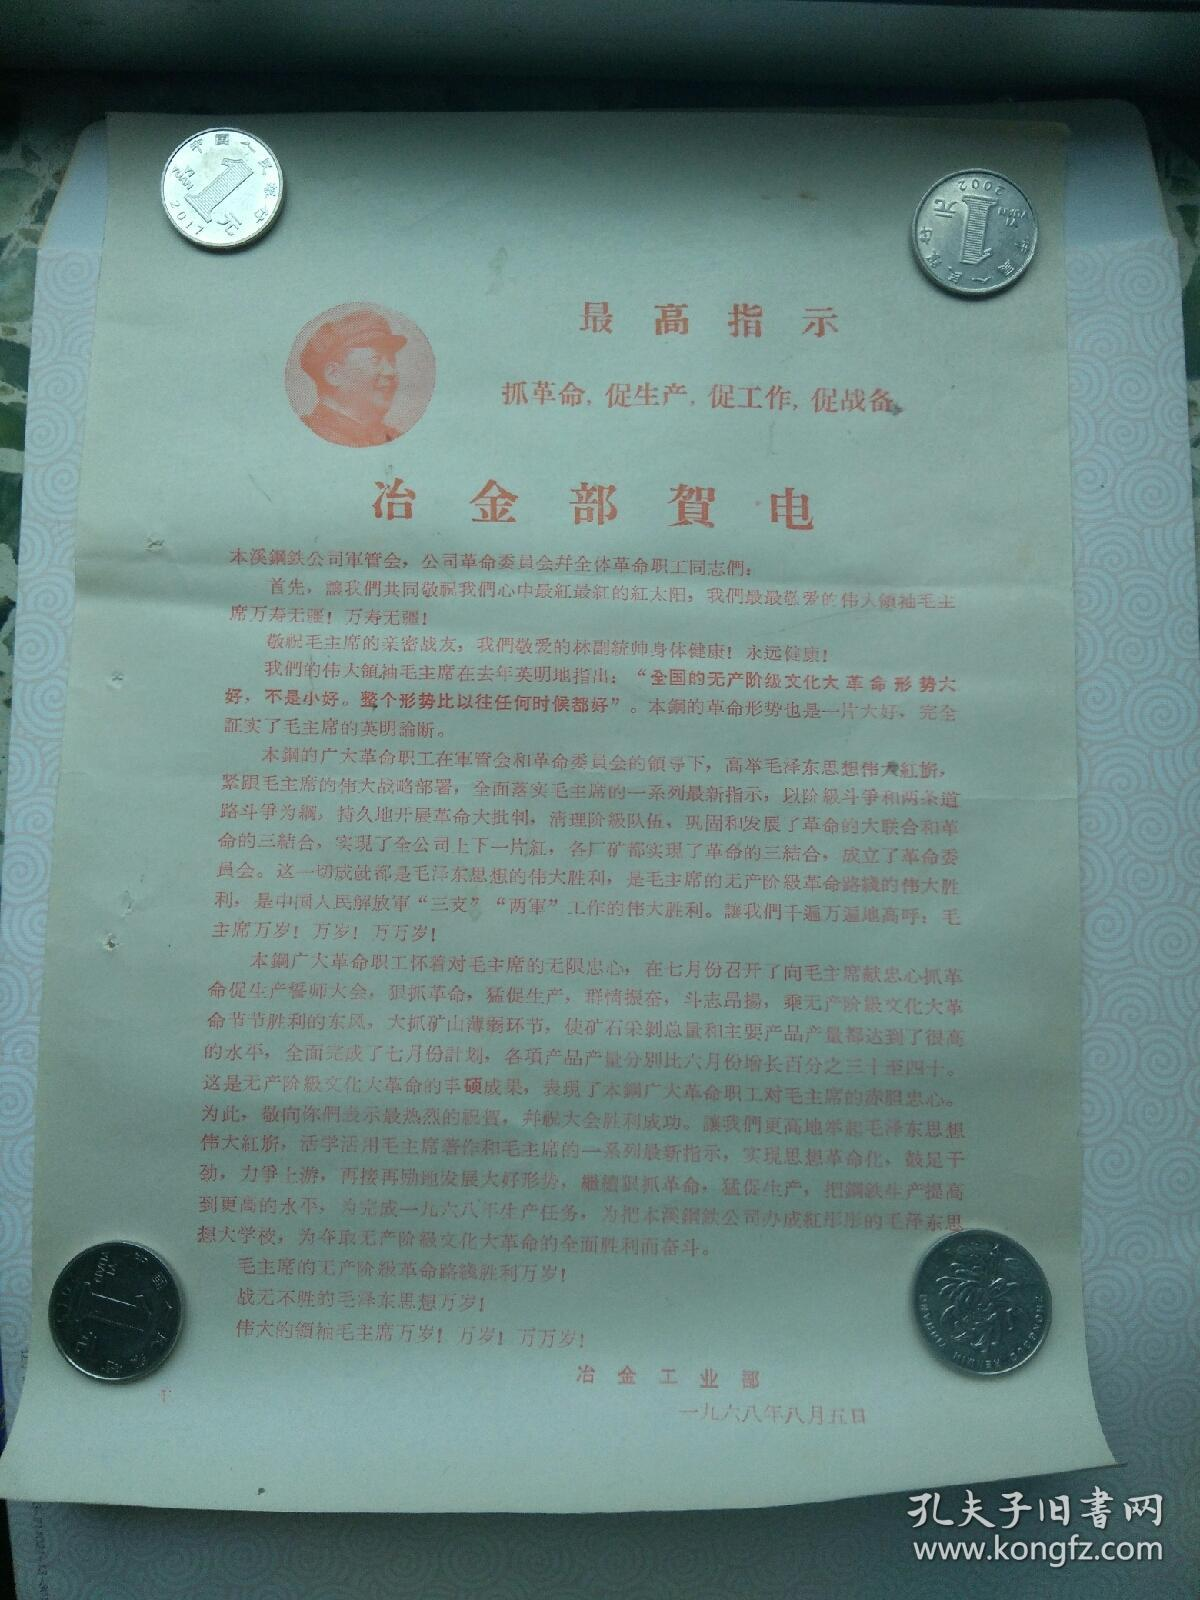 1968年8月5日,冶金工业部向本钢军管会,委员会并全体职工的贺电,……祝毛主席万寿无疆,祝林副主席永远健康。约16开。